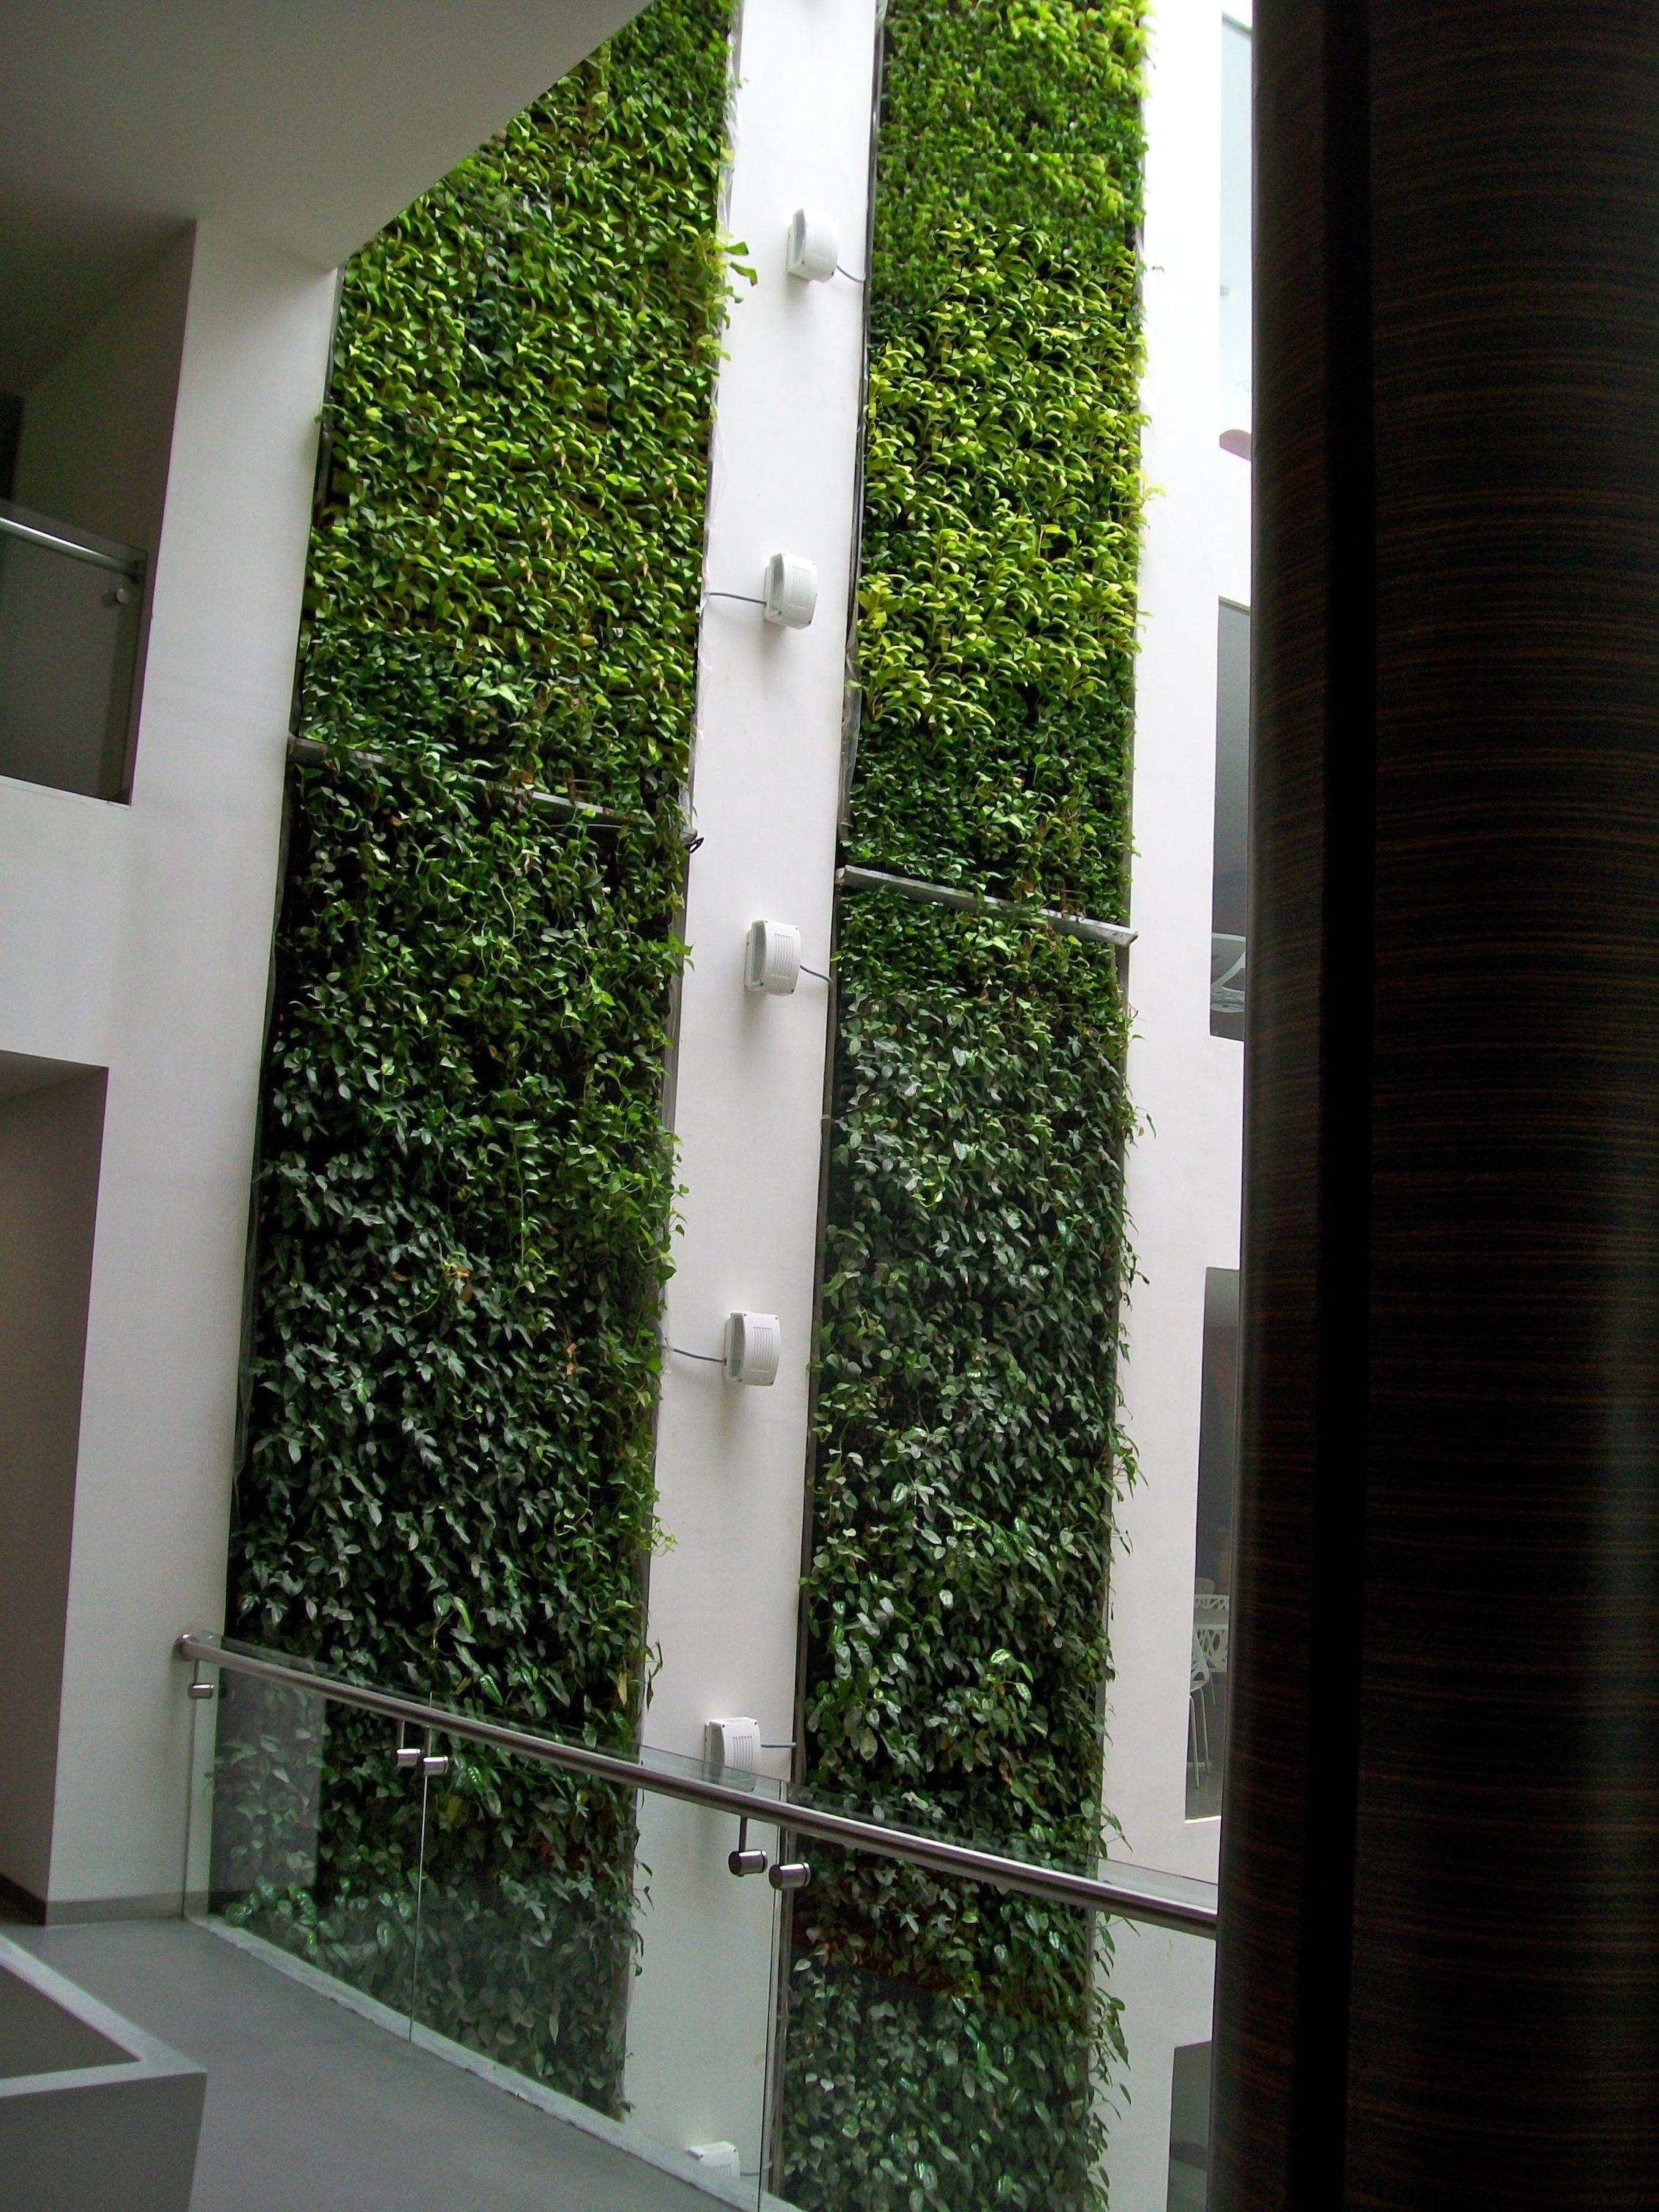 Medium Crop Of Wall Indoor Garden